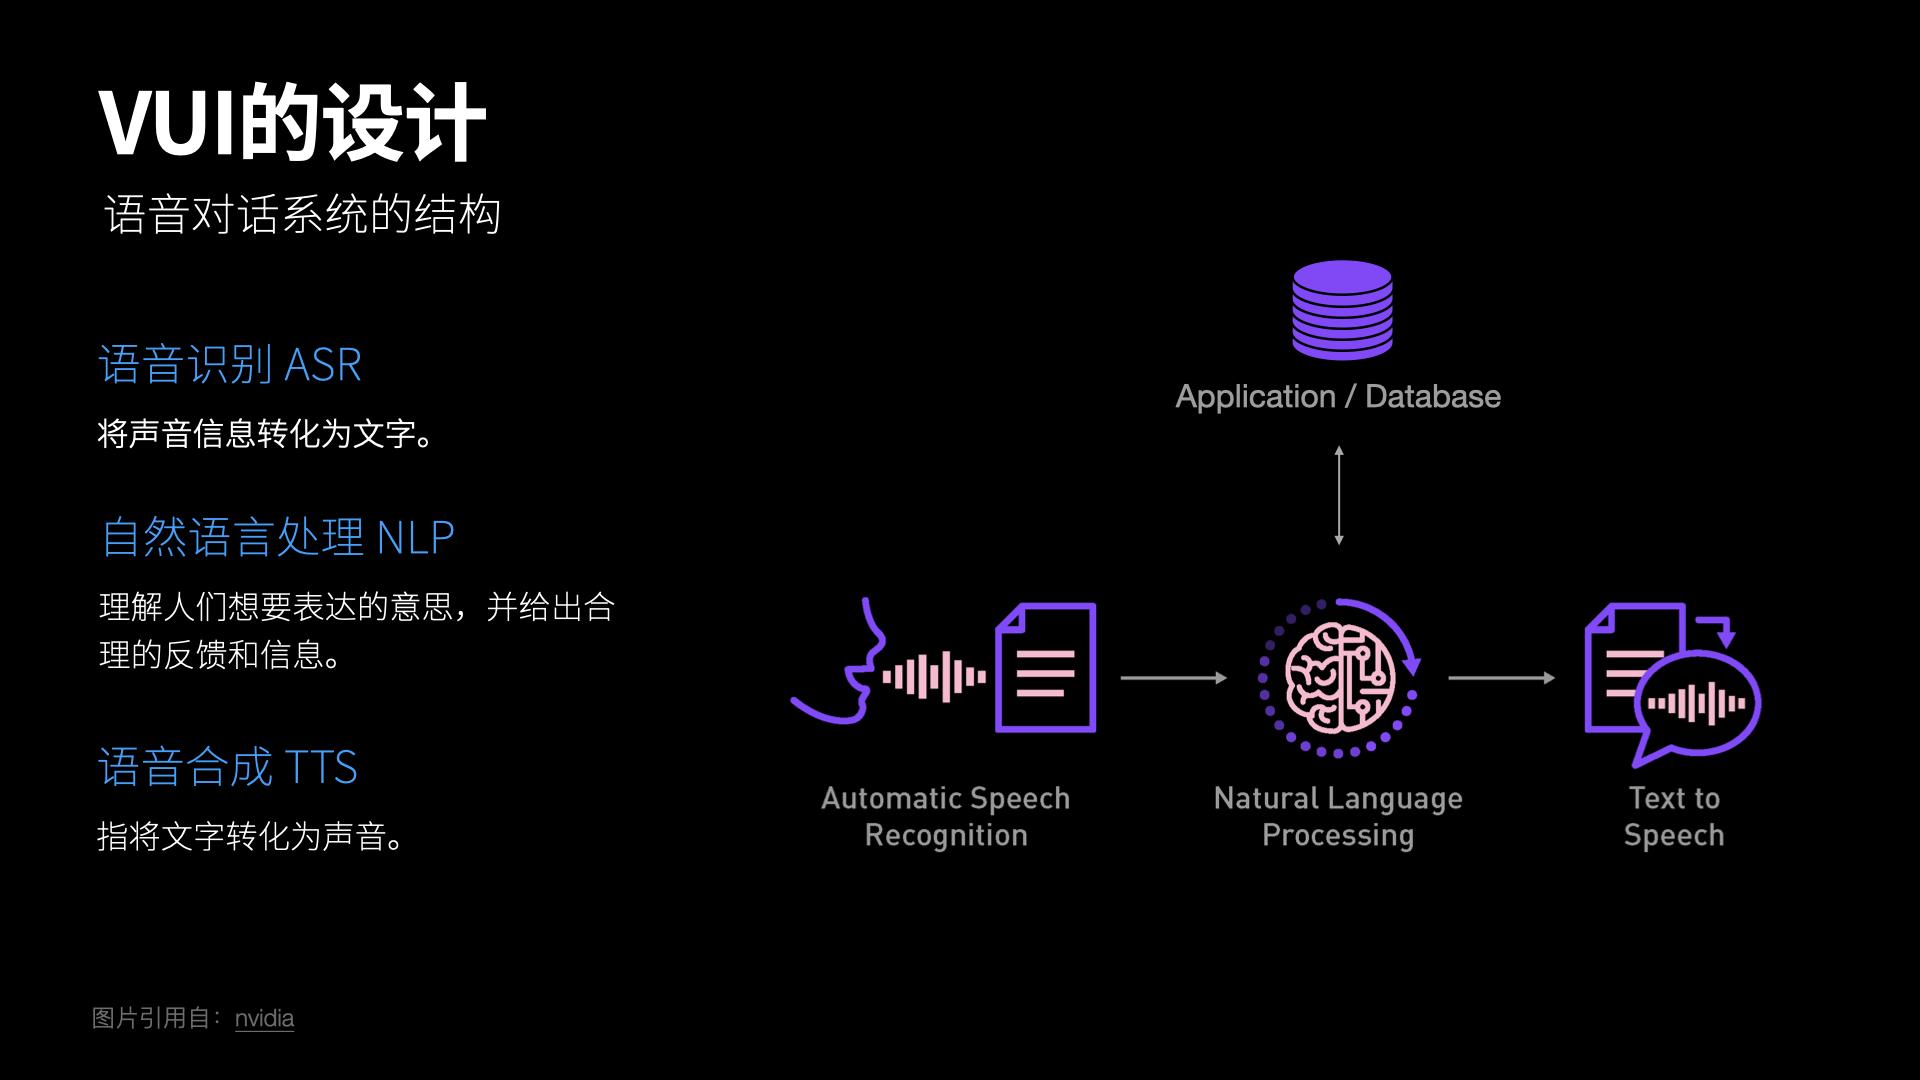 语音交互系统的结构